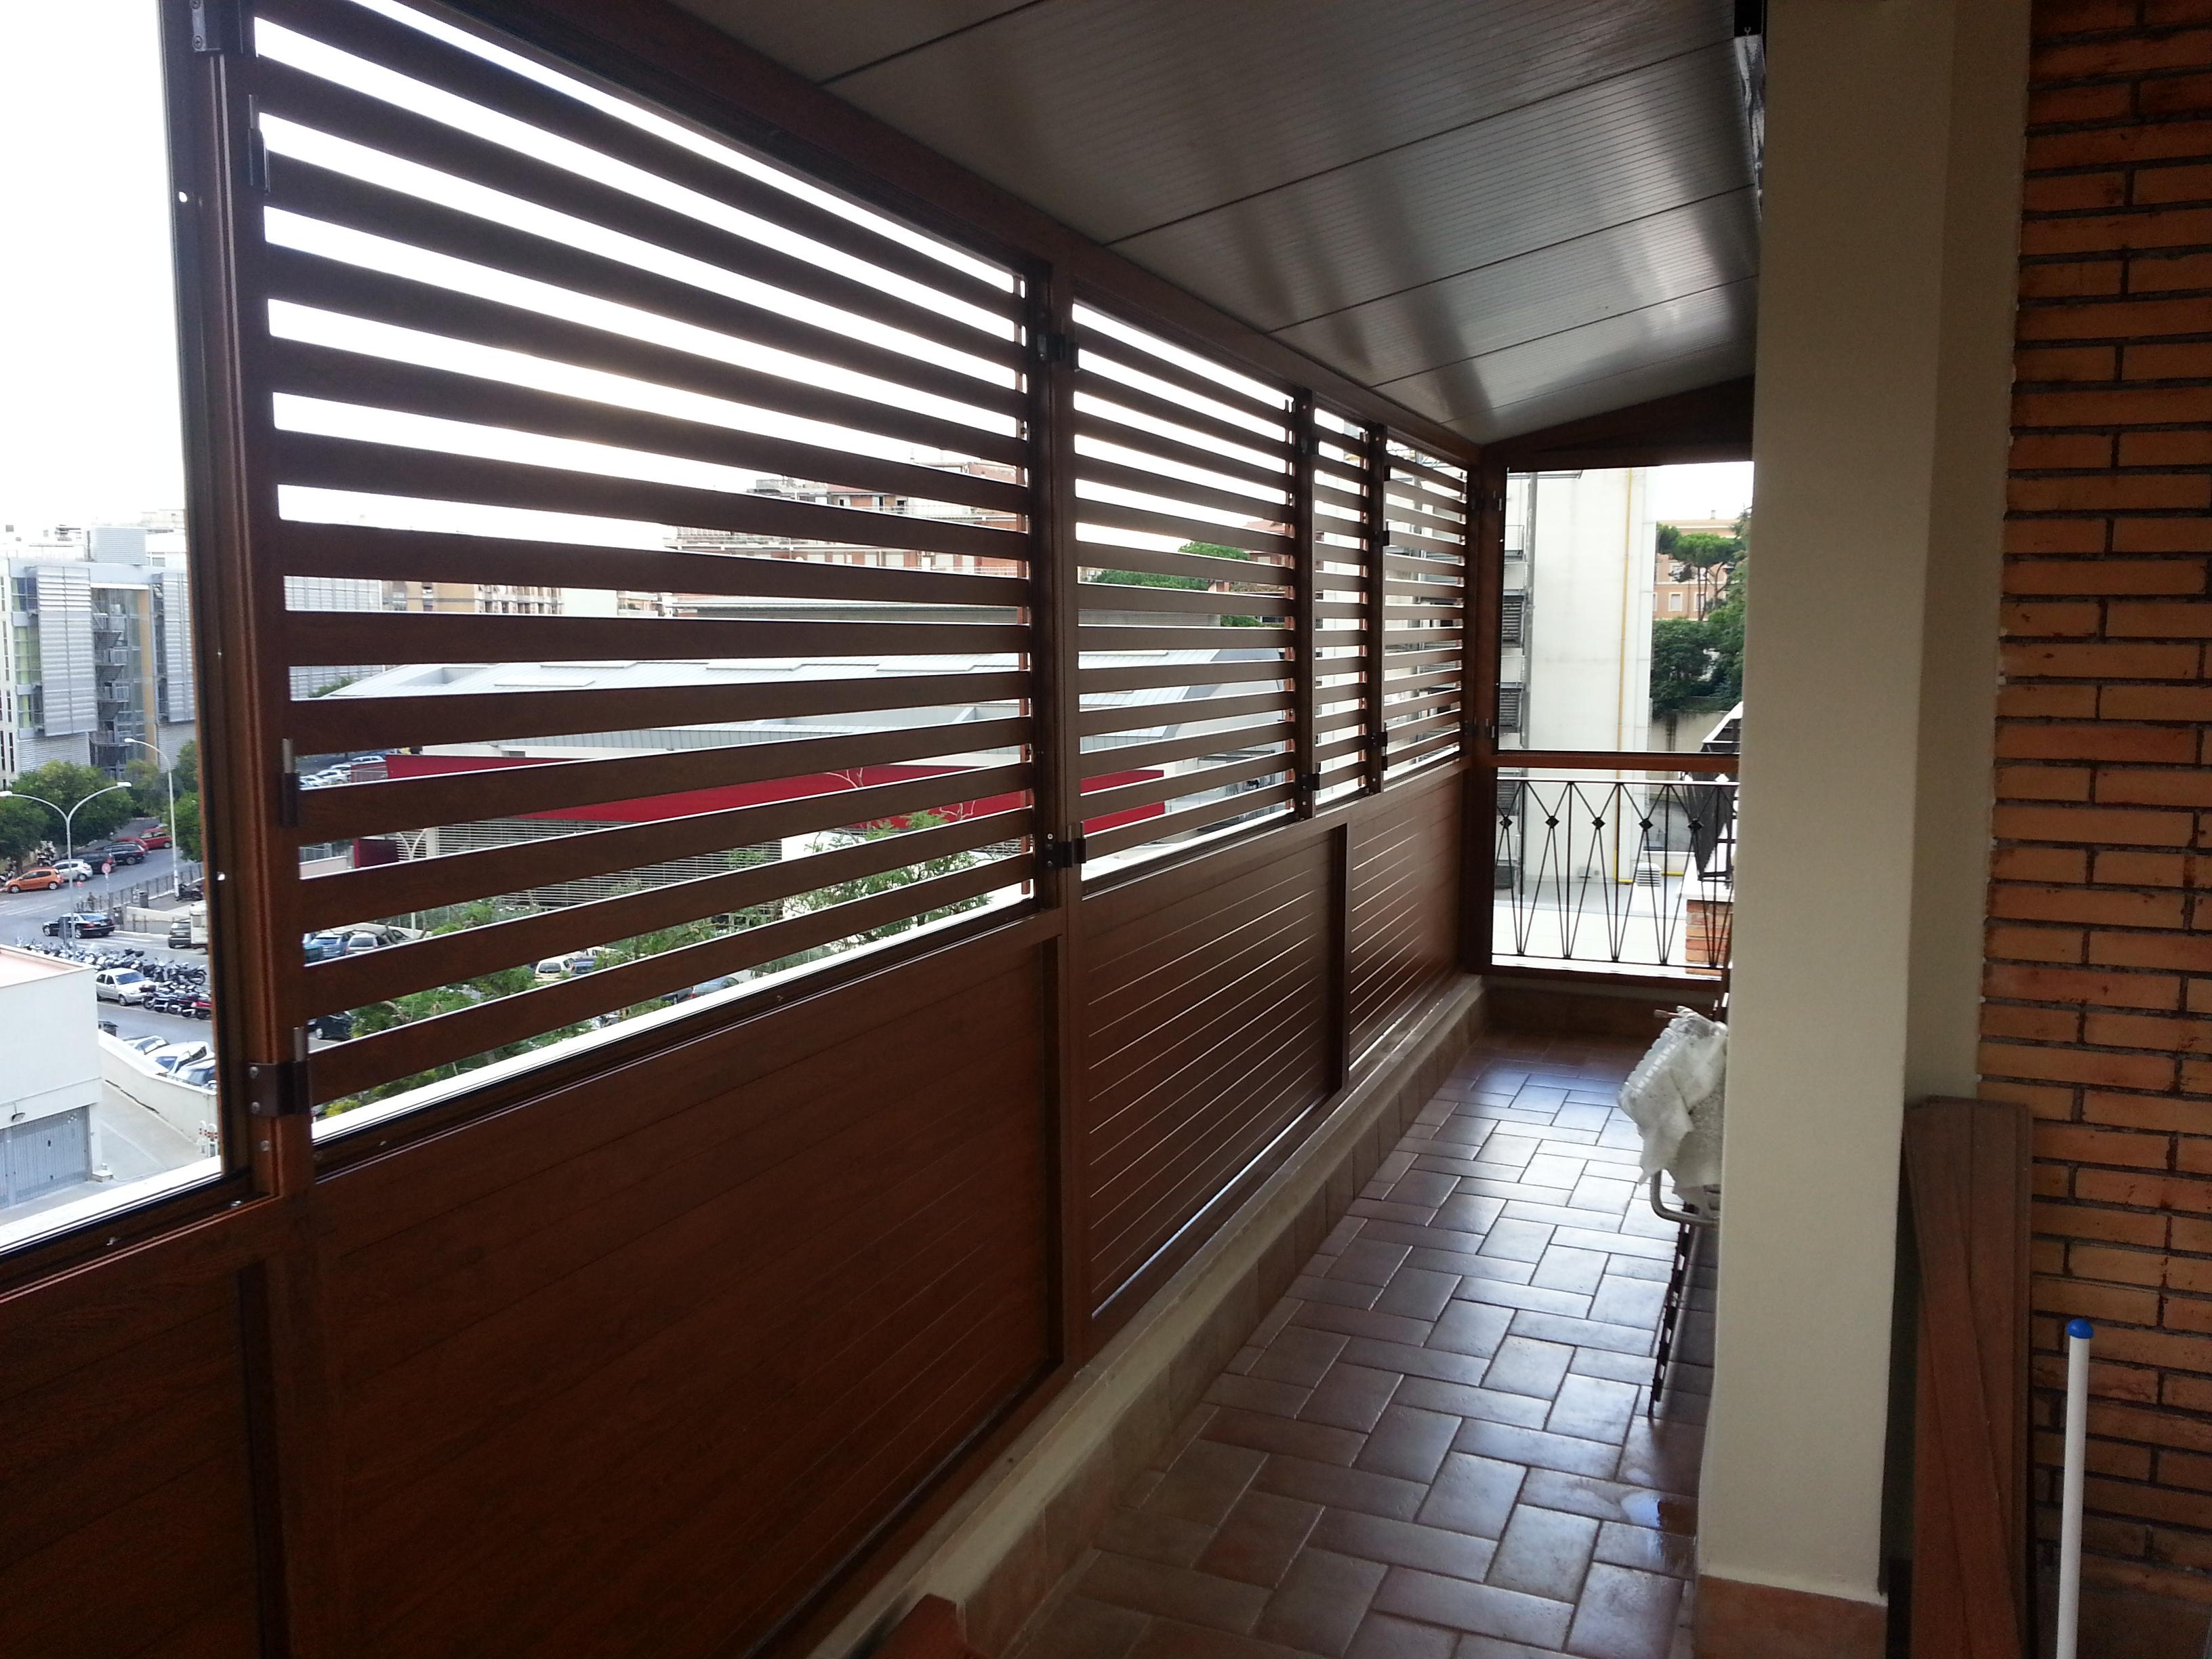 Fotografia di un Frangisole in alluminio effetto legno noce Francia (PKA16), spazio di cm. 3 tra le doghe, parte inferiore chiusa. Montaggio a Roma, quartiere Eur.